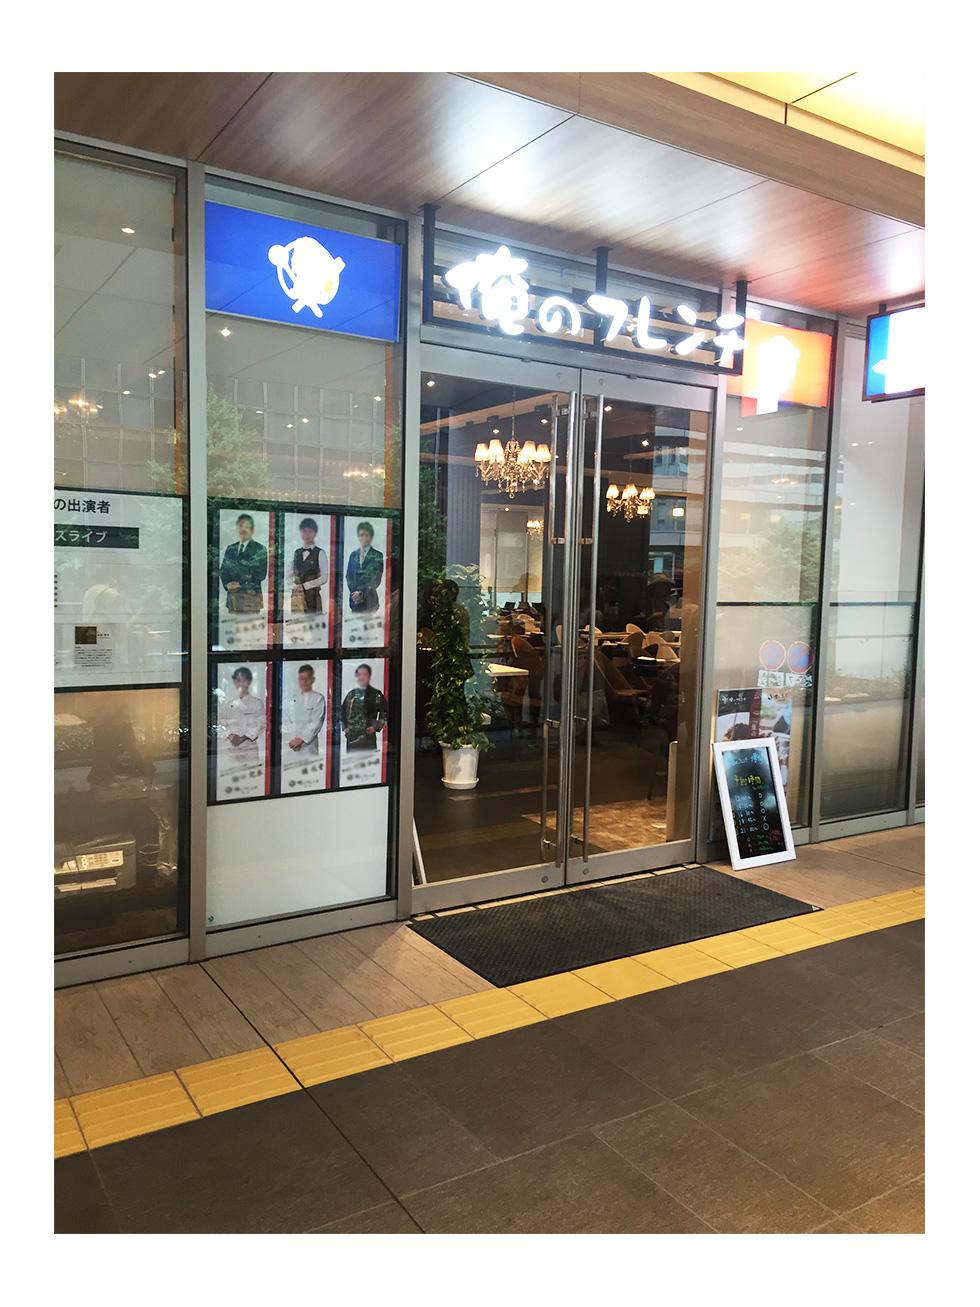 03-blog-shibahara2016100802